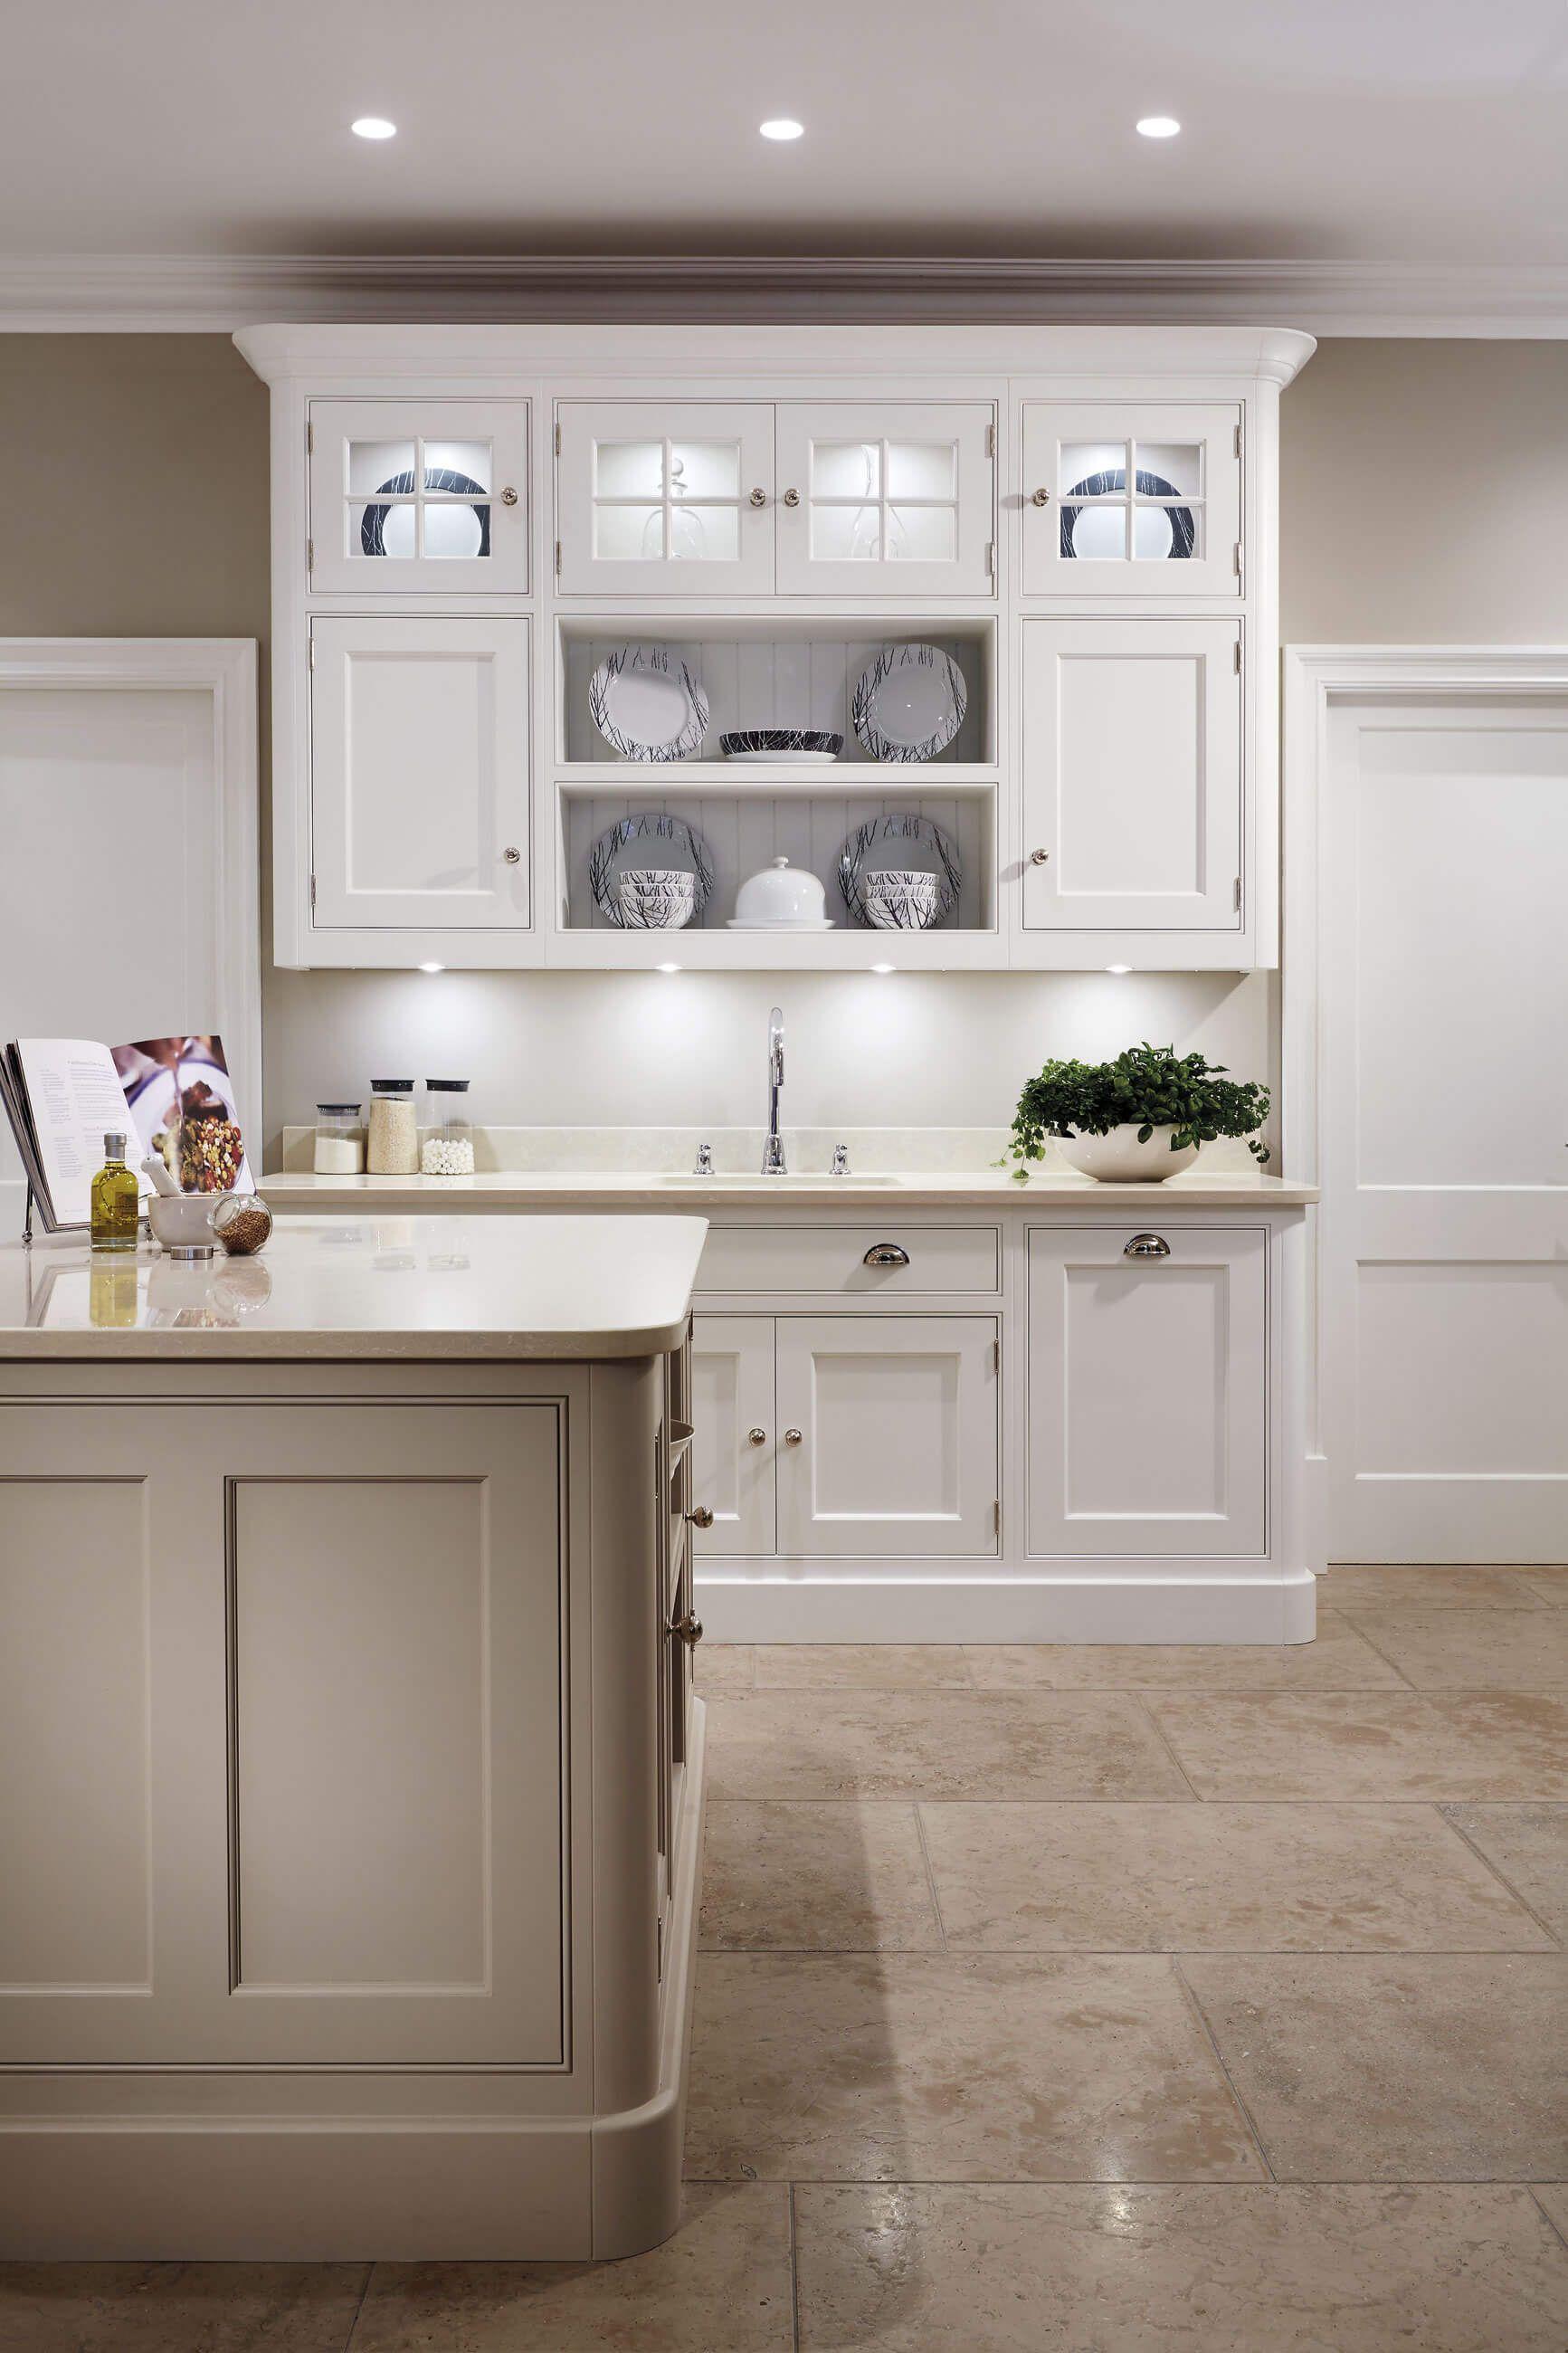 Cream Painted Kitchen in 2020 | Green kitchen designs ...